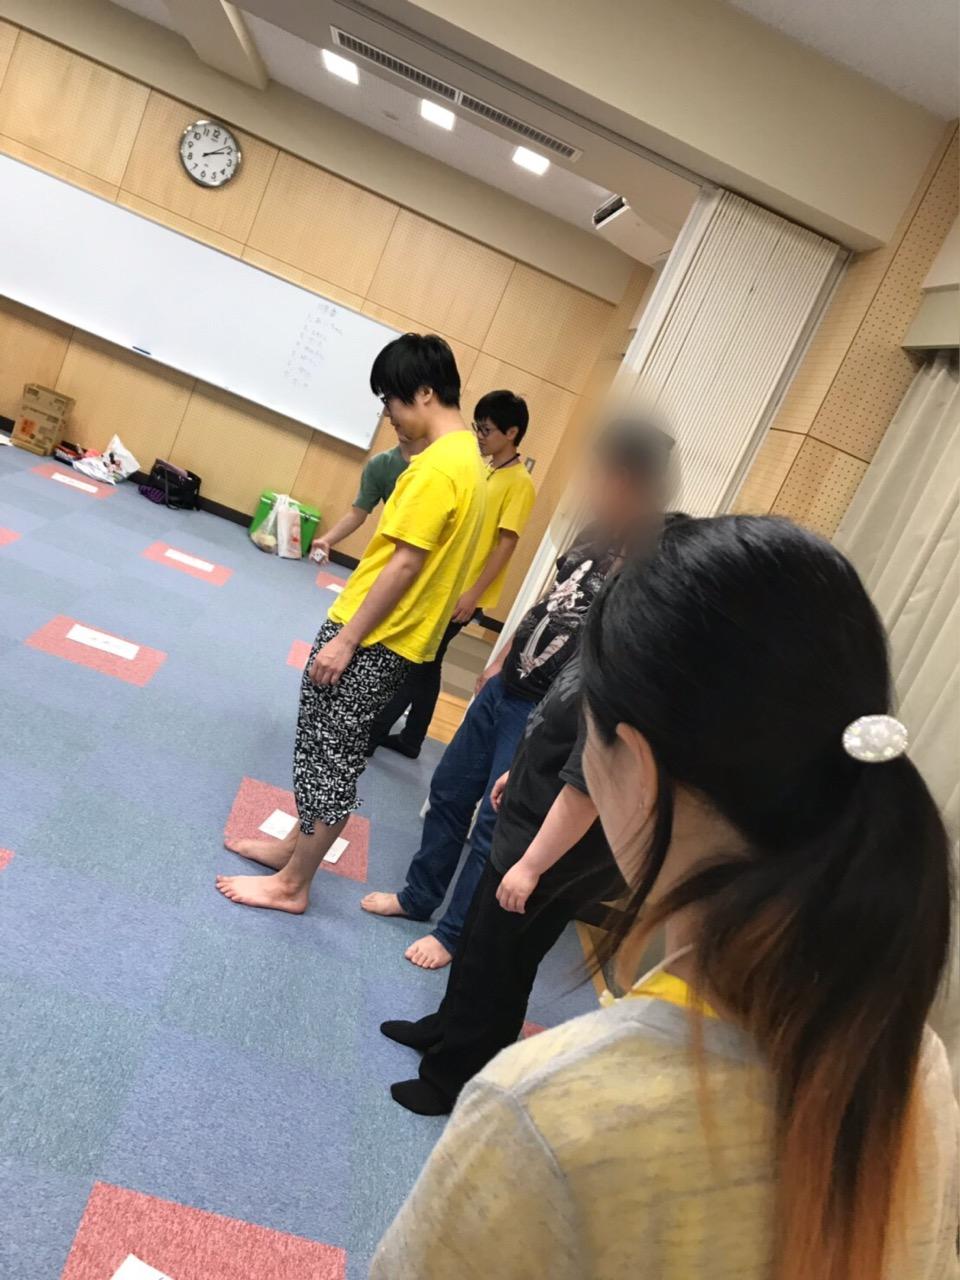 大盛り上がりの人間すごろく 〜9月活動〜